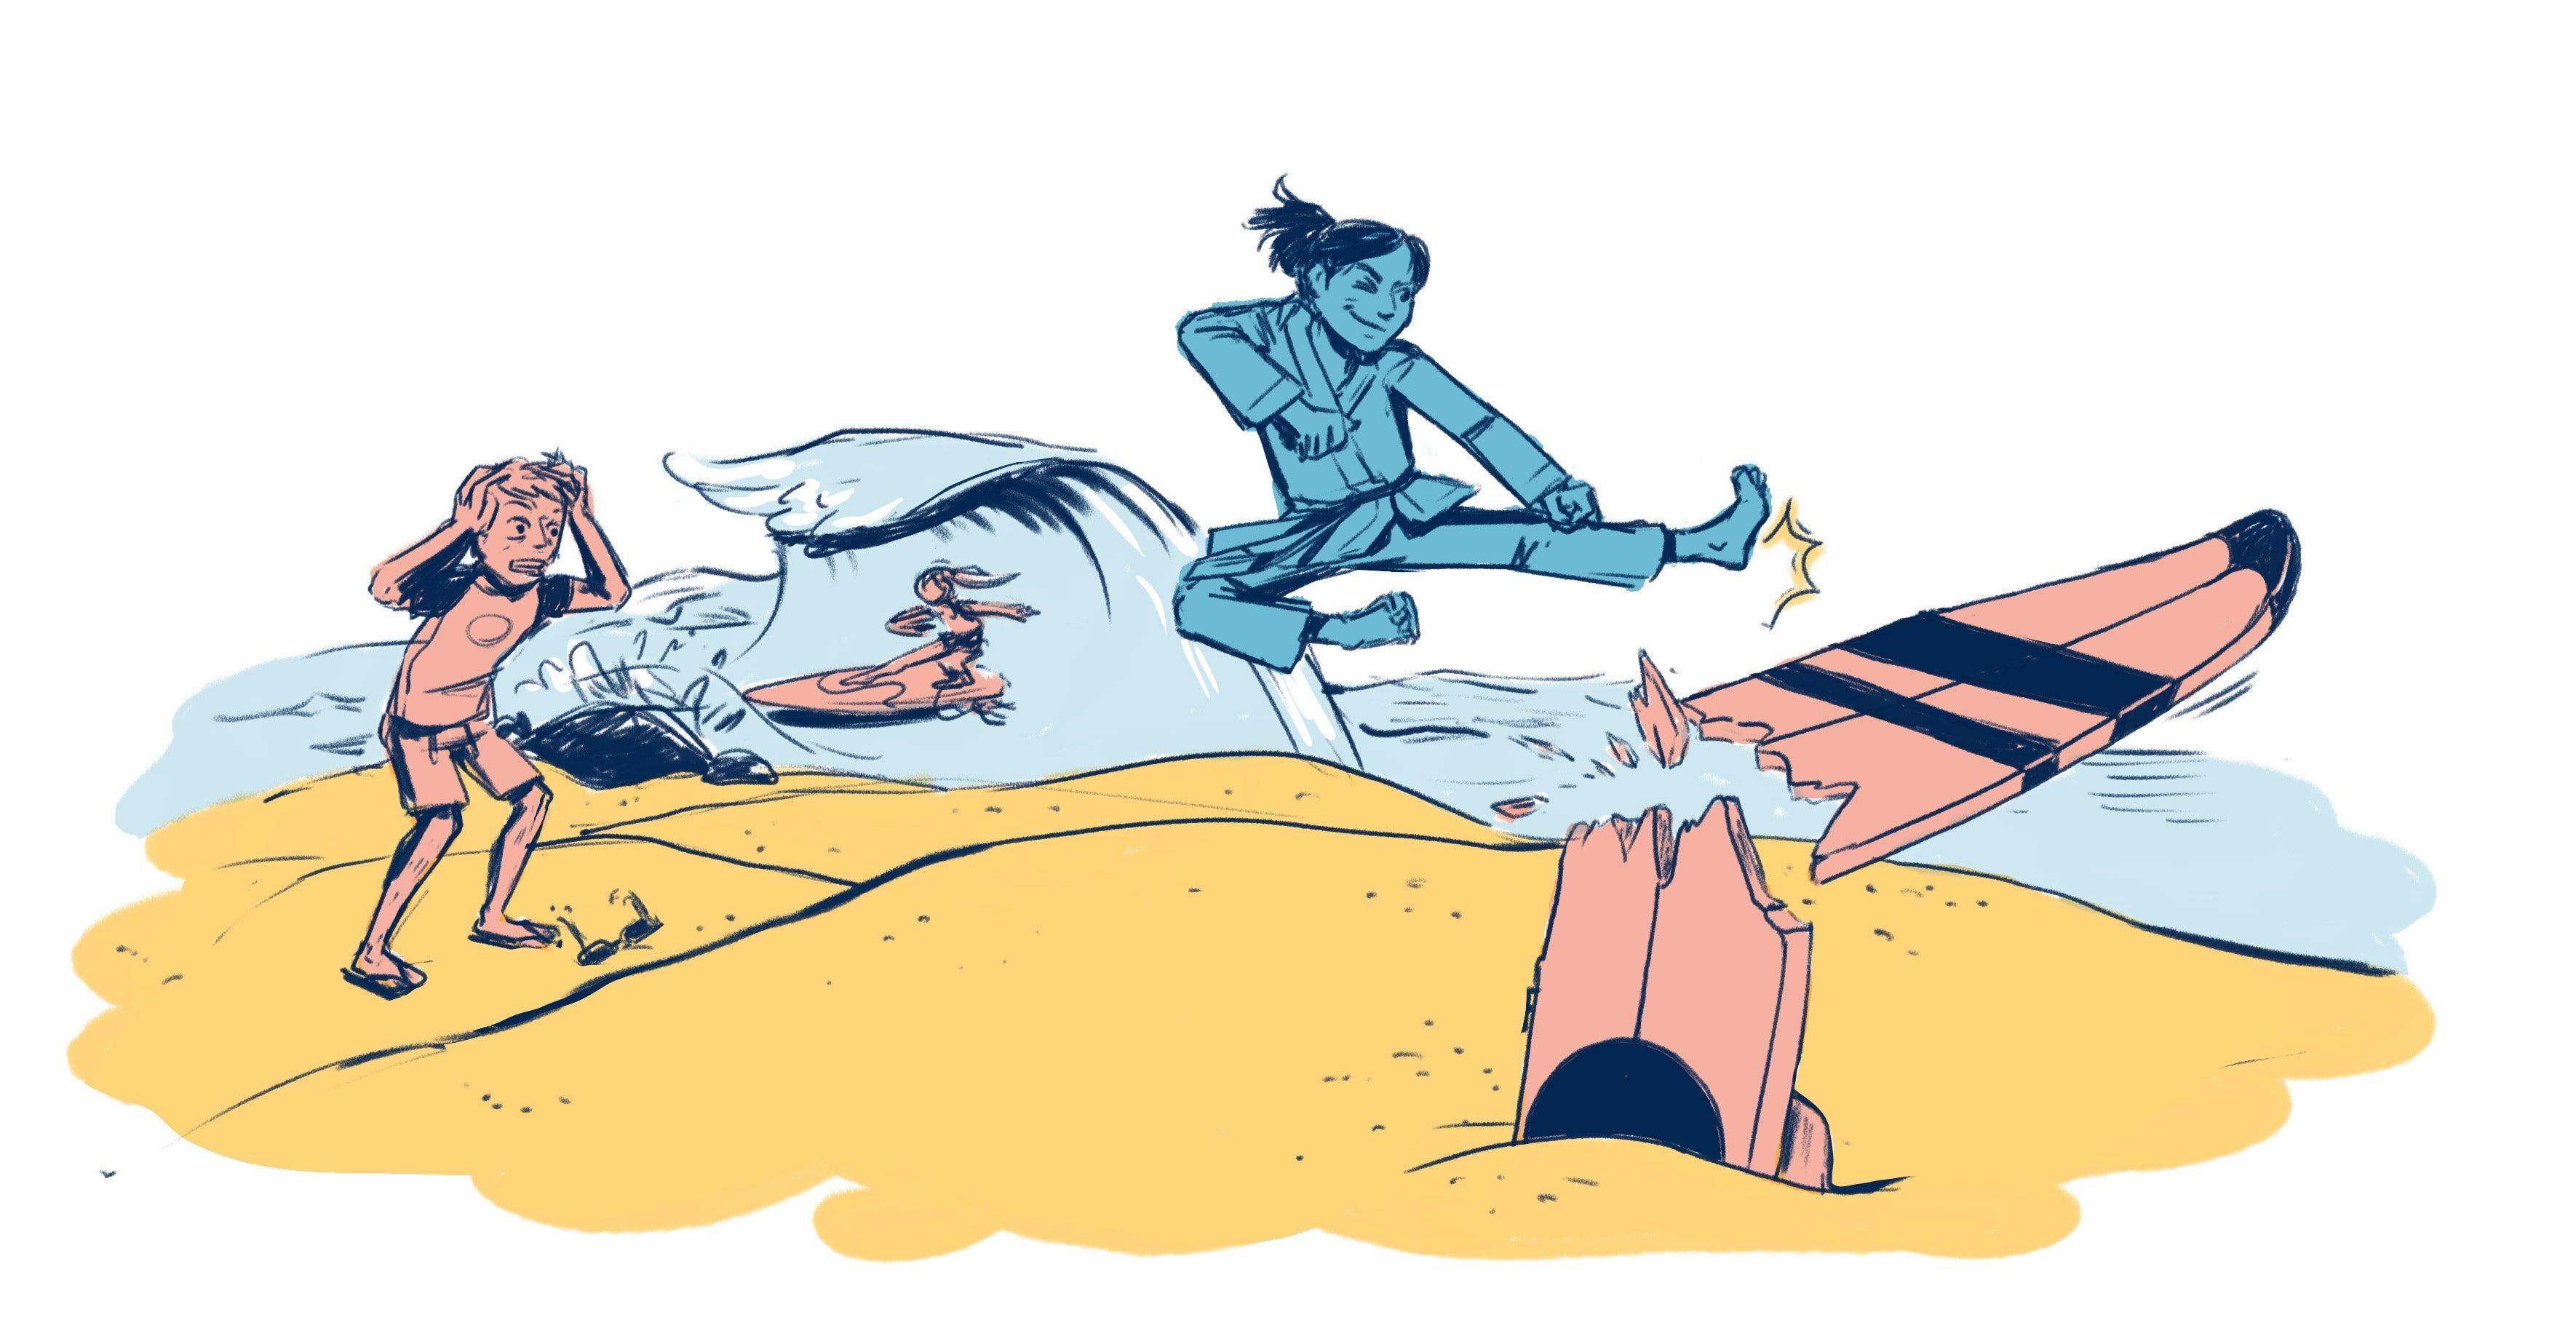 An athlete karate kicks a surfboard.